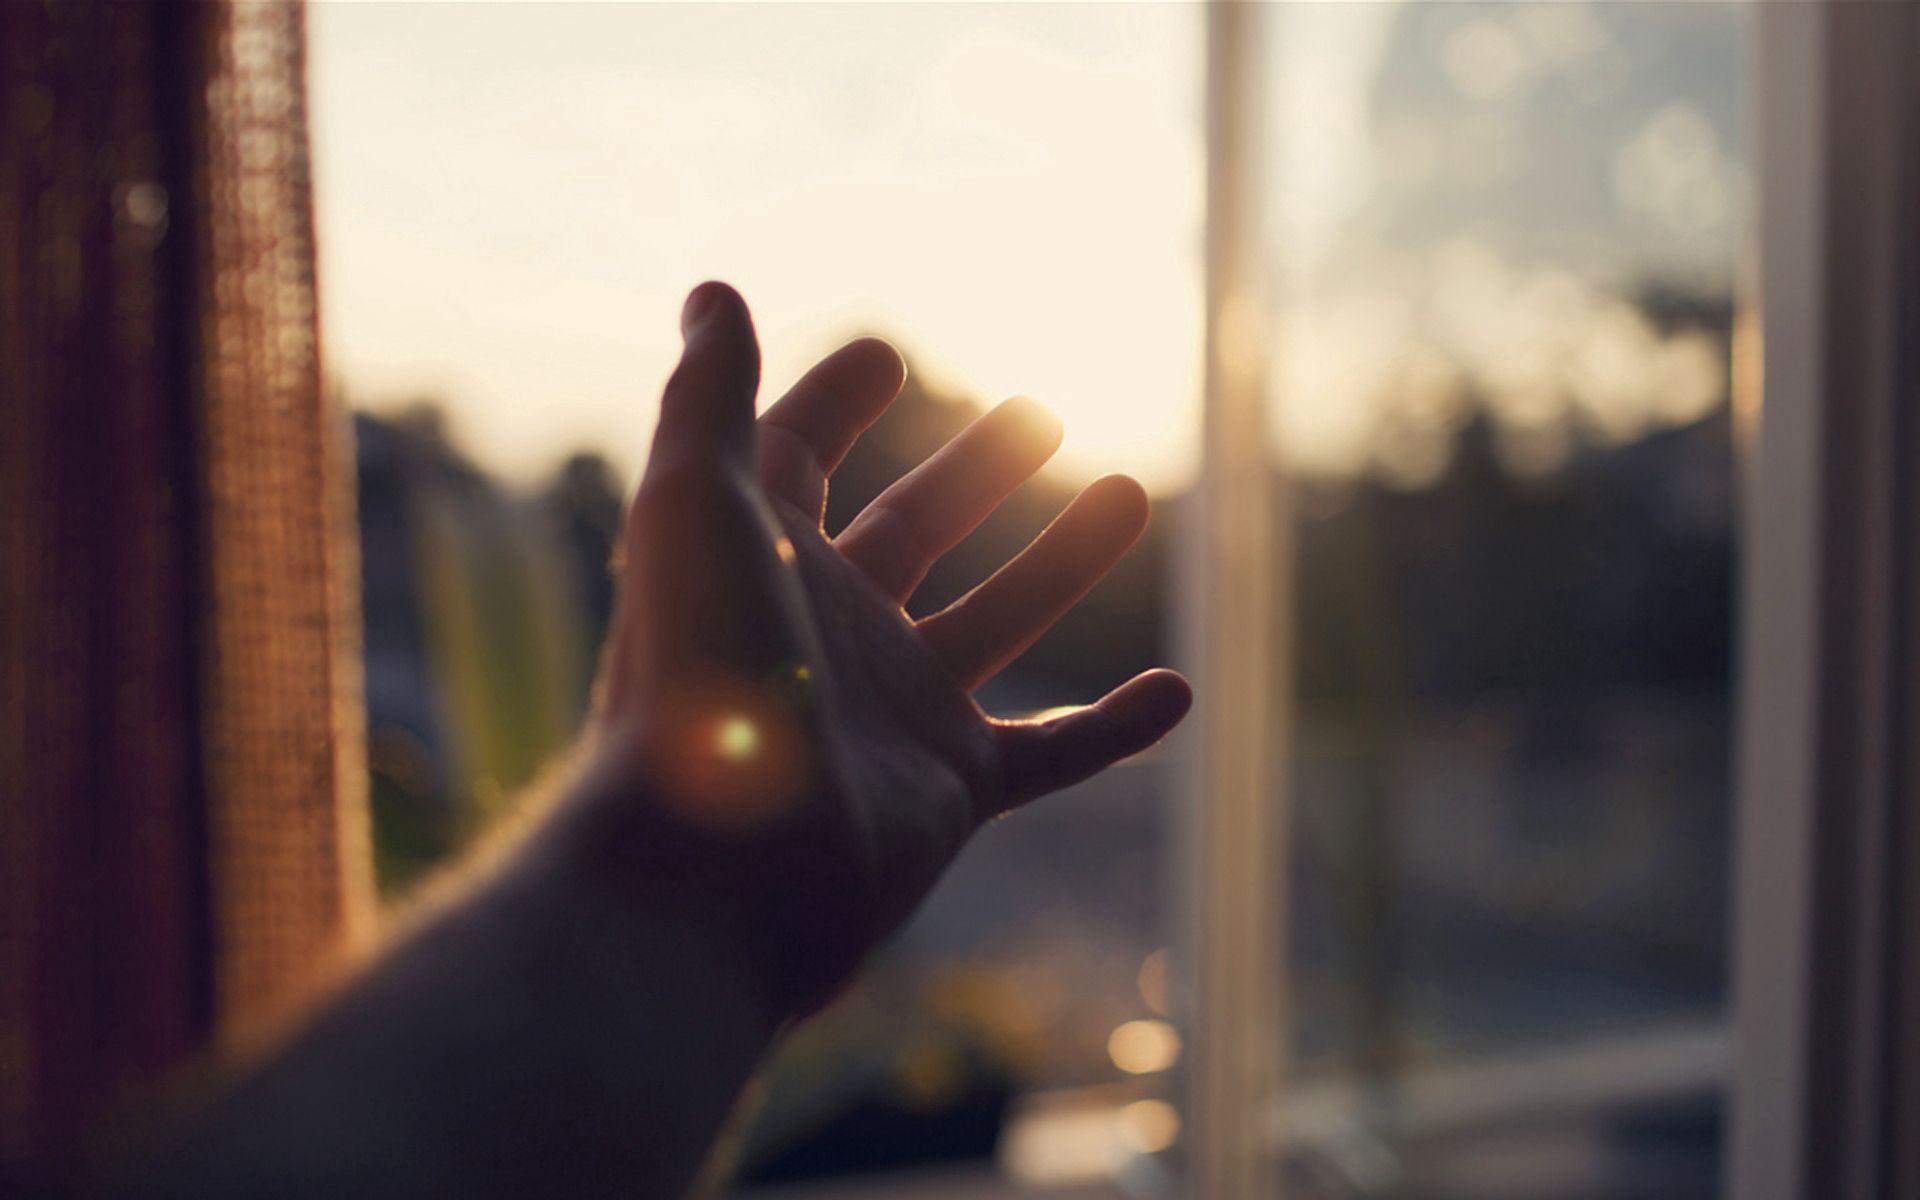 74295 fond d'écran 1080x2340 sur votre téléphone gratuitement, téléchargez des images Briller, Lumière, Main, Divers, Poutres, Rayons, Paume, La Fenêtre, Fenêtre 1080x2340 sur votre mobile